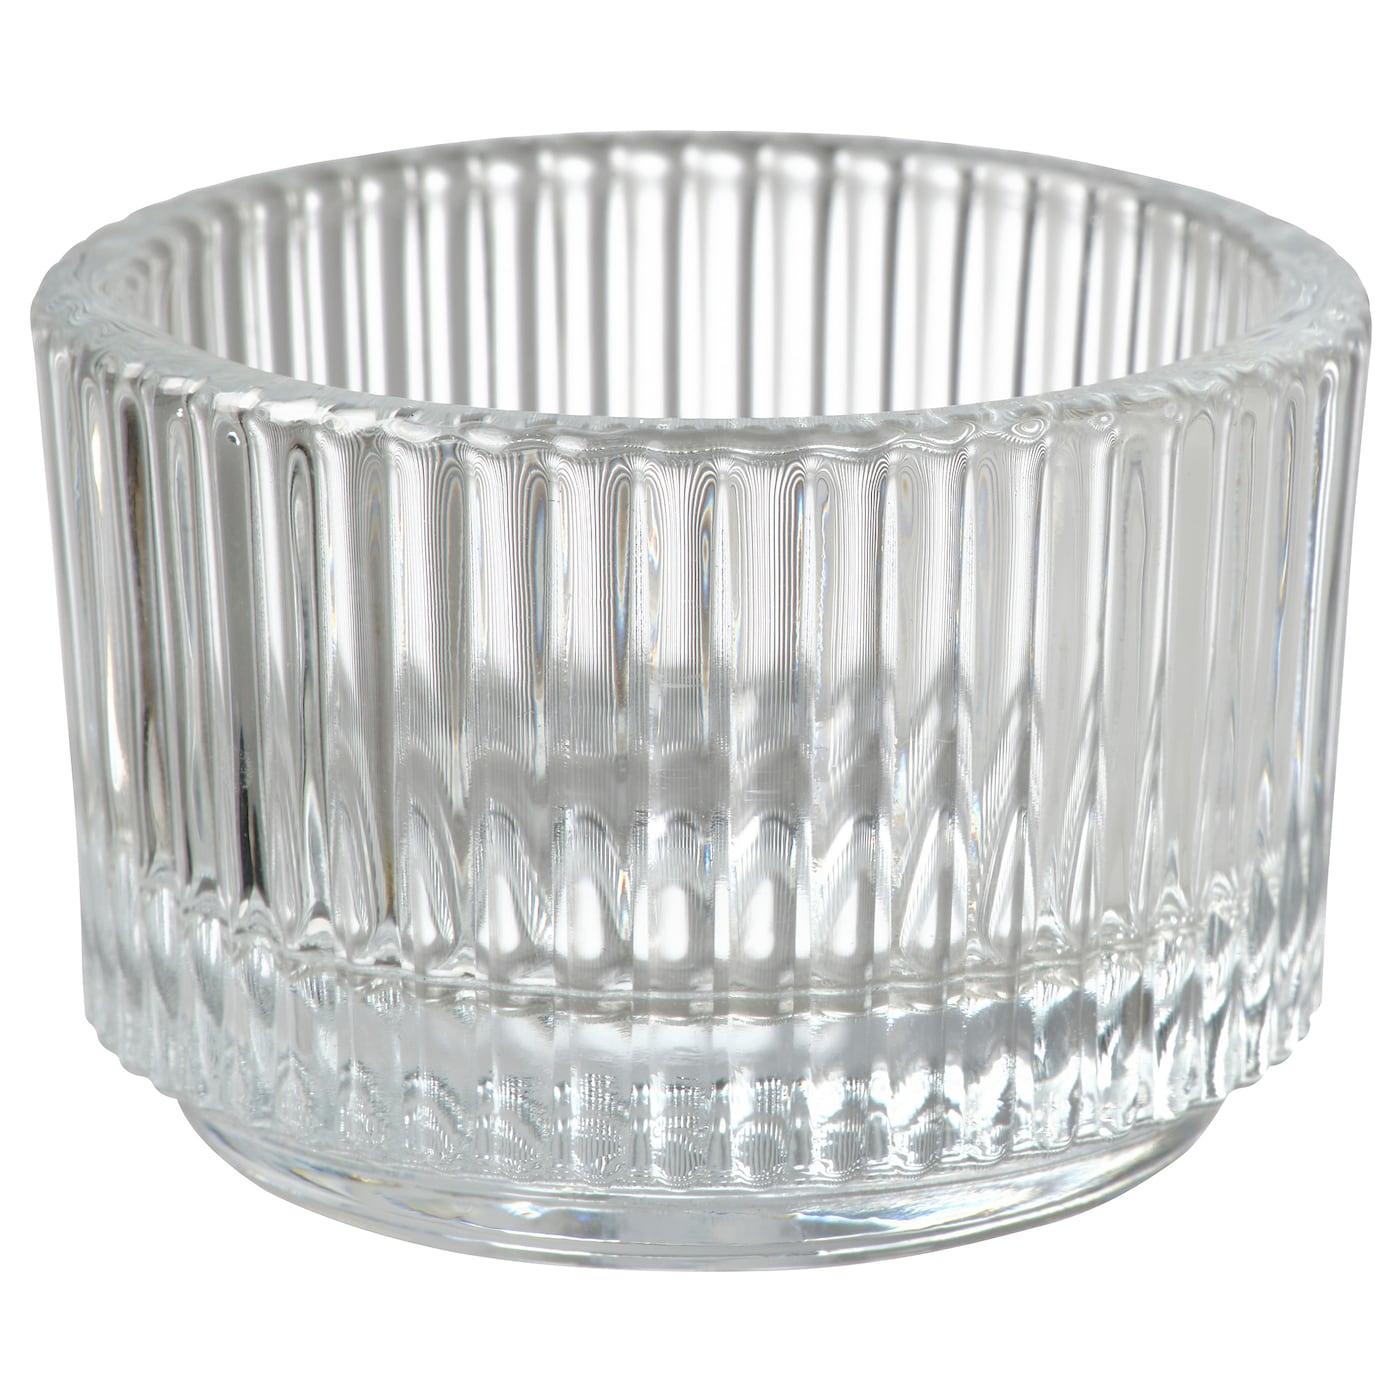 Мебель в бишкеке, Подсвечник для греющей свечи, прозрачное стекло3.5 см